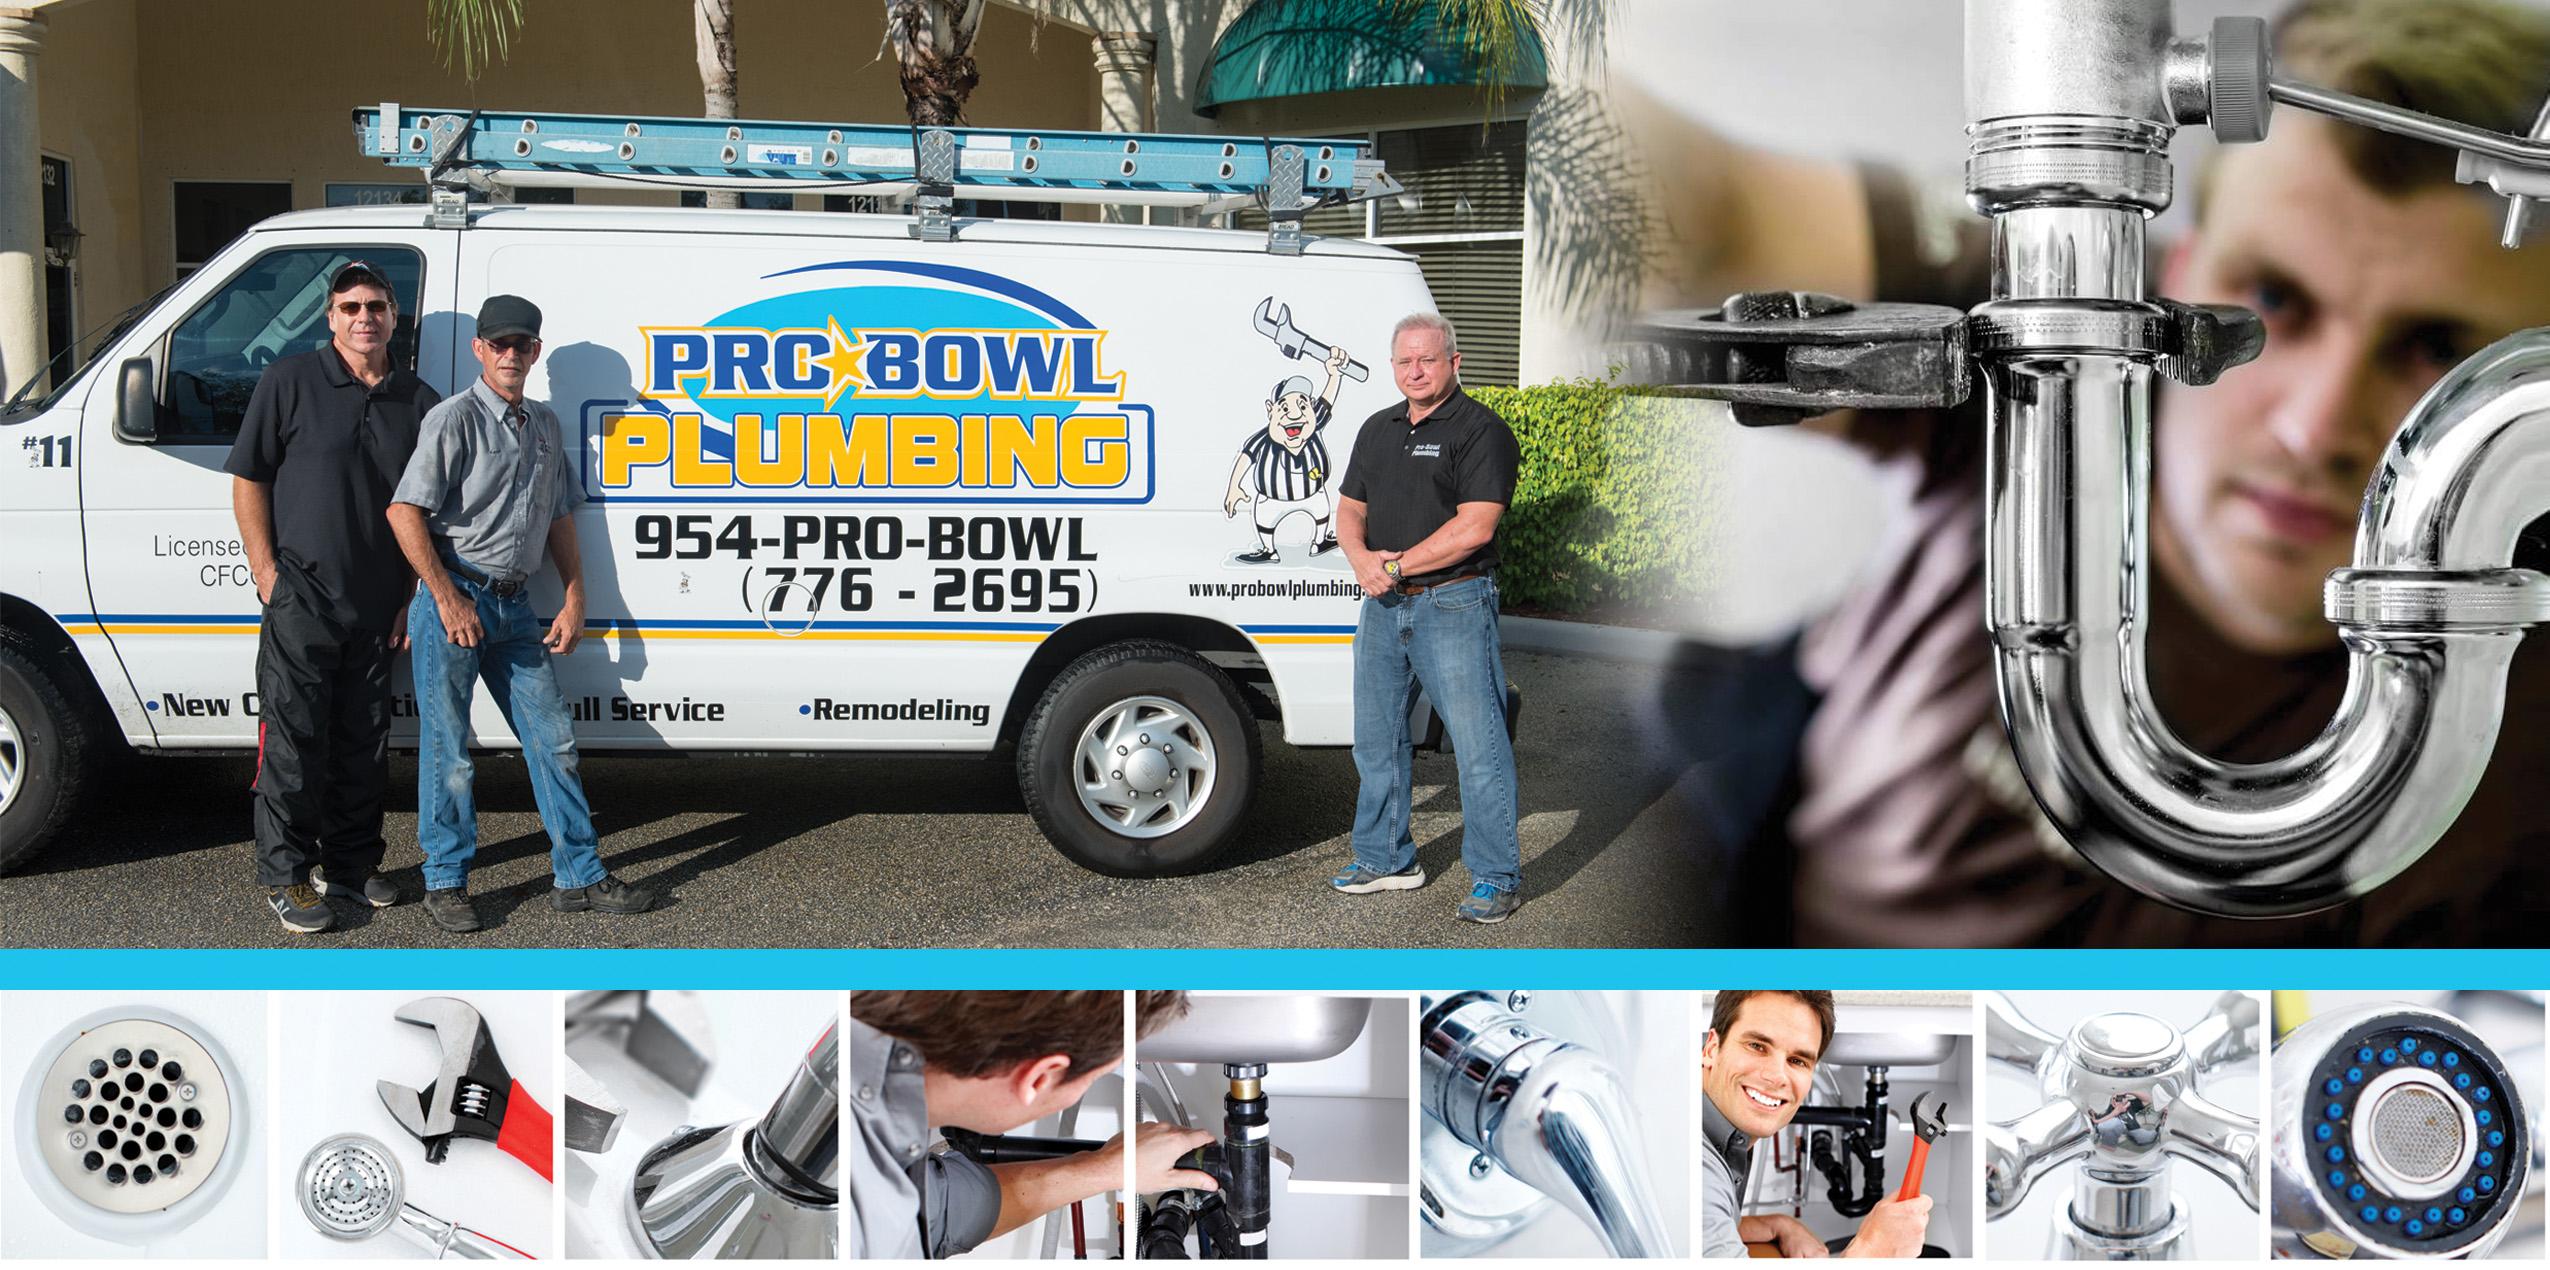 Probowl Plumbing images